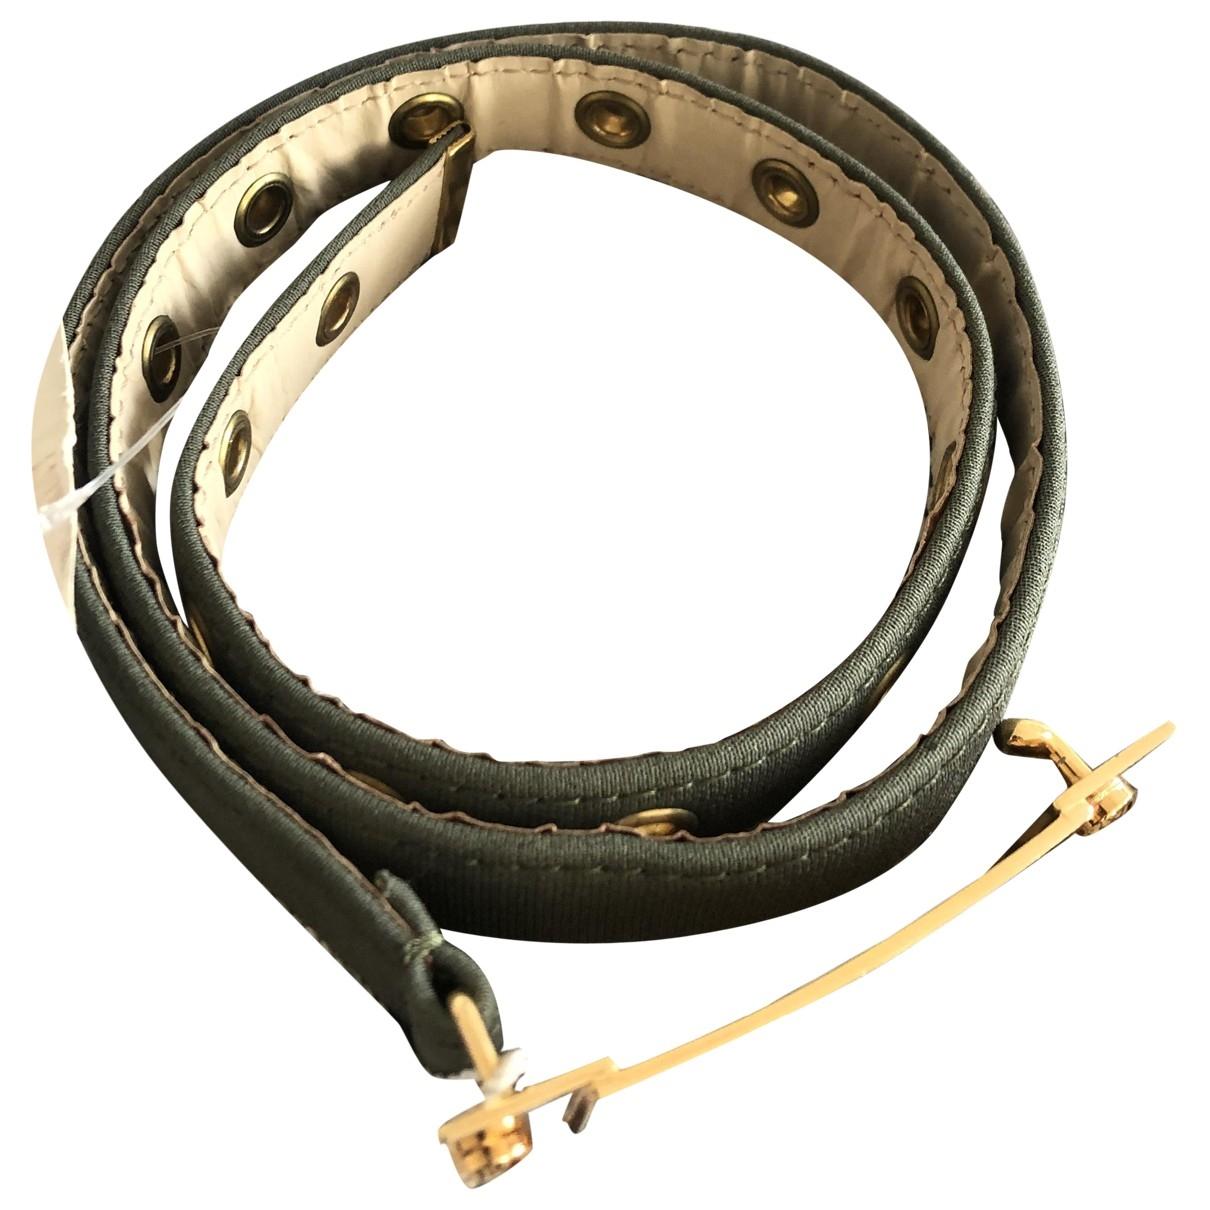 Cinturon de Cuero Emilio Pucci